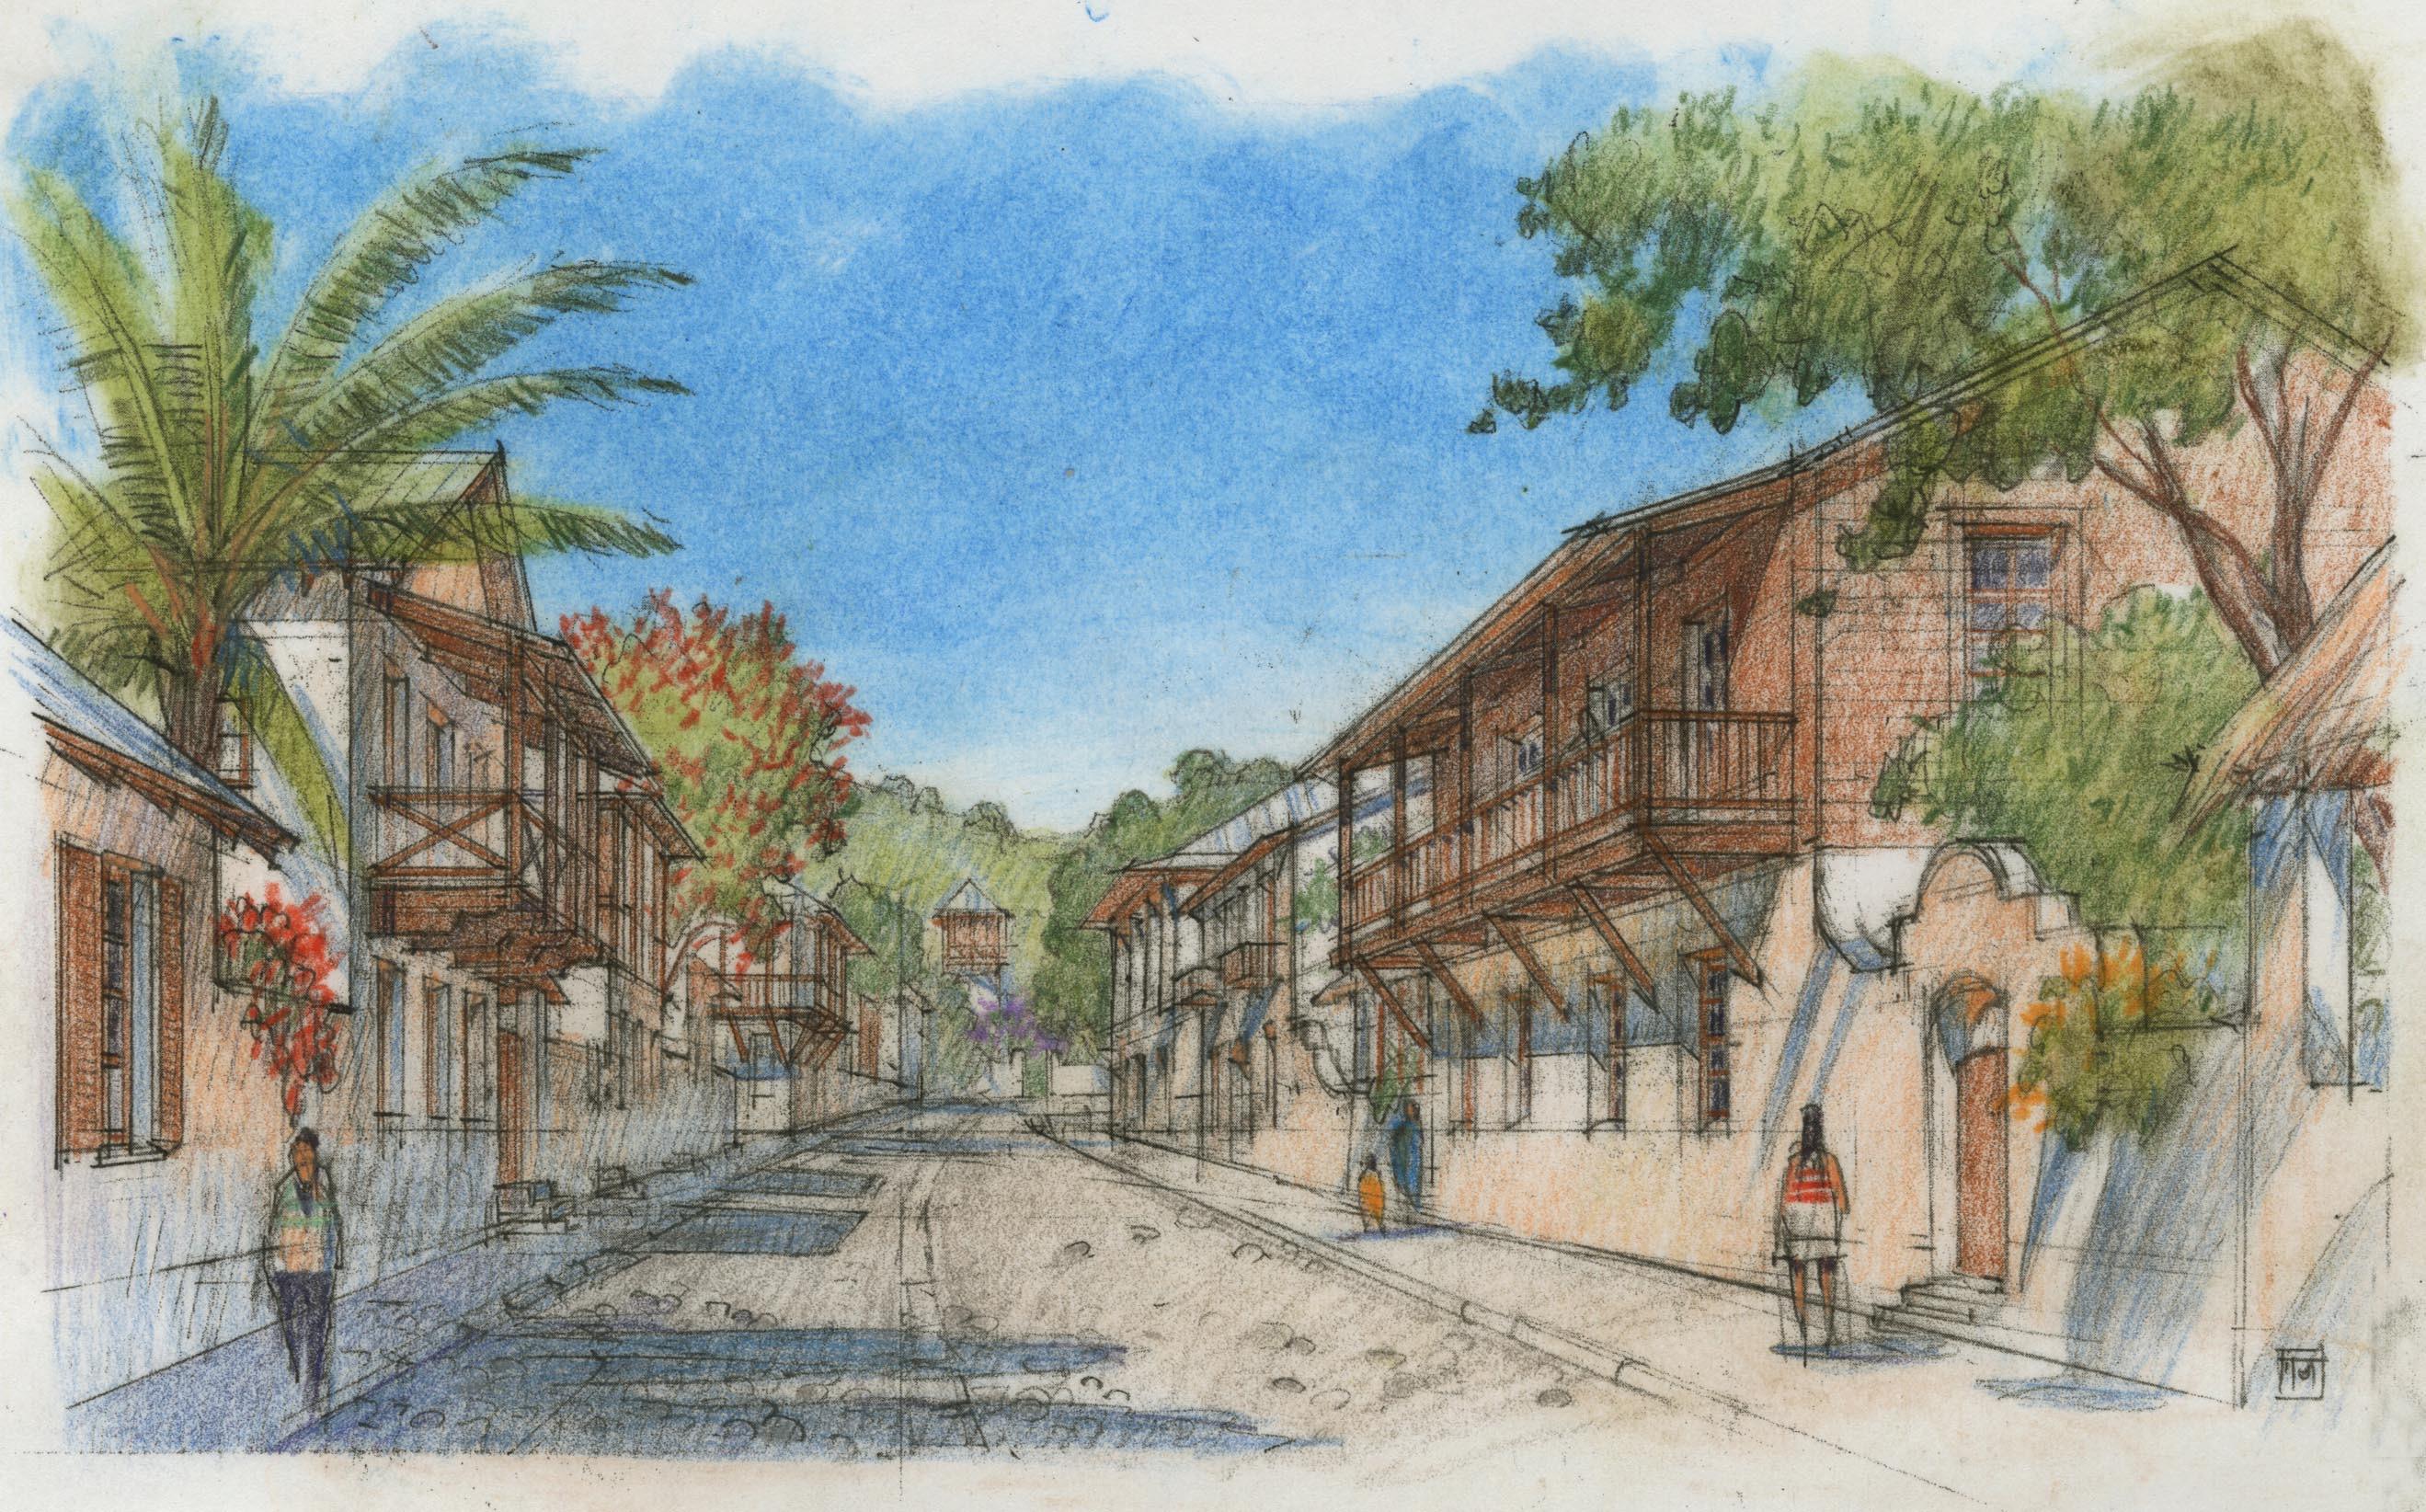 Kalu Yala - Town Sketch